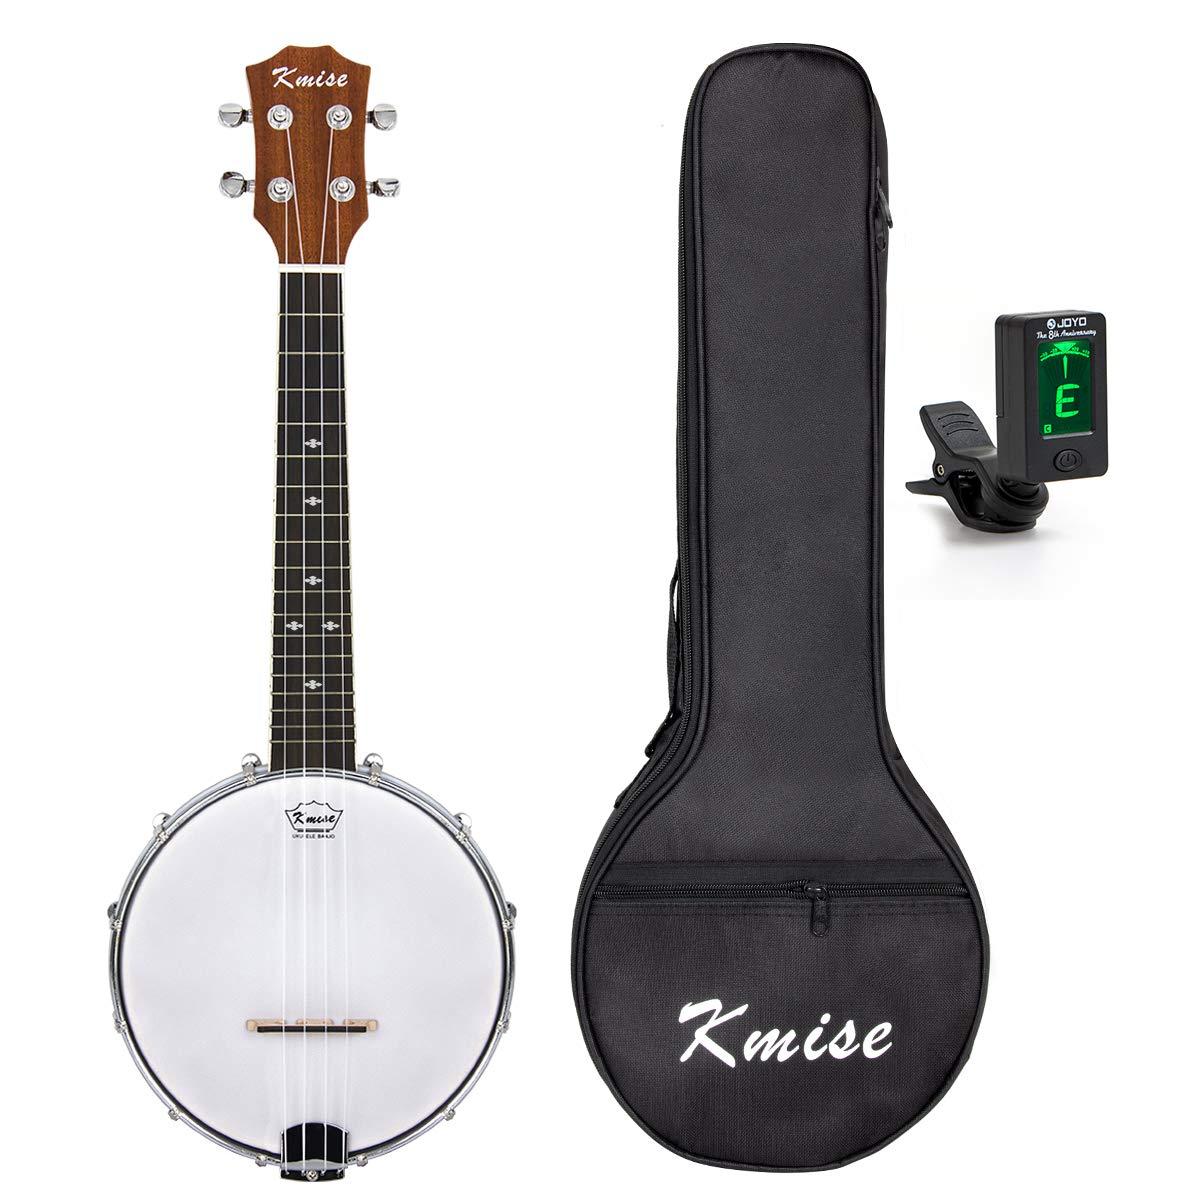 Kmise 4 String Banjo Ukulele Uke Concert 23 Inch Size Sapele With Bag Tuner  (MI1869)